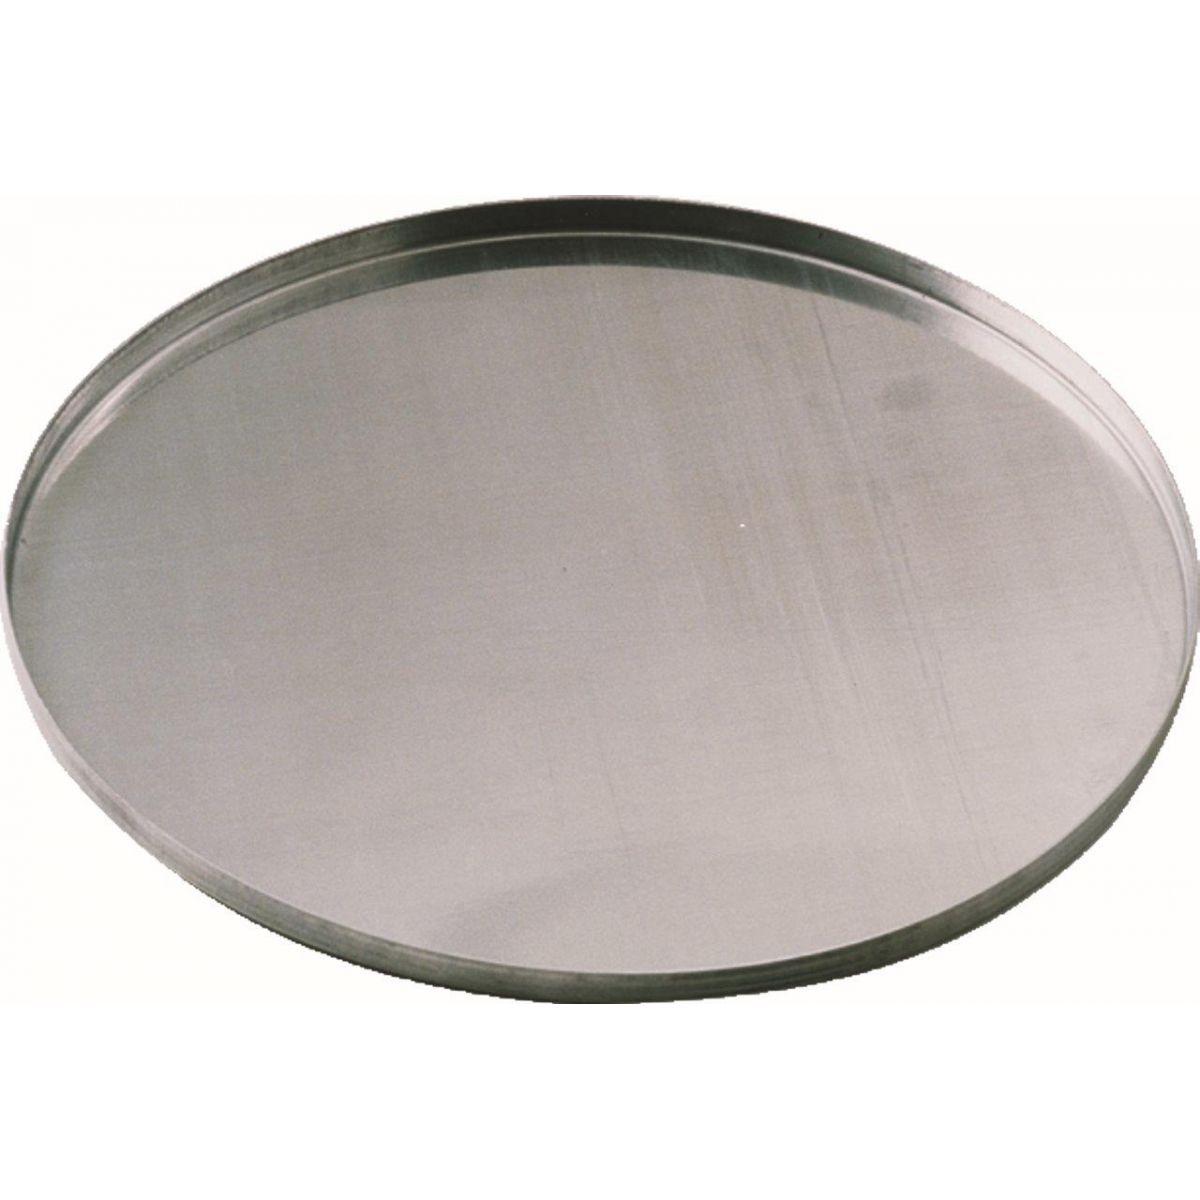 Forma P/Pizza Nro. 1 - 25 cm - Aluminio